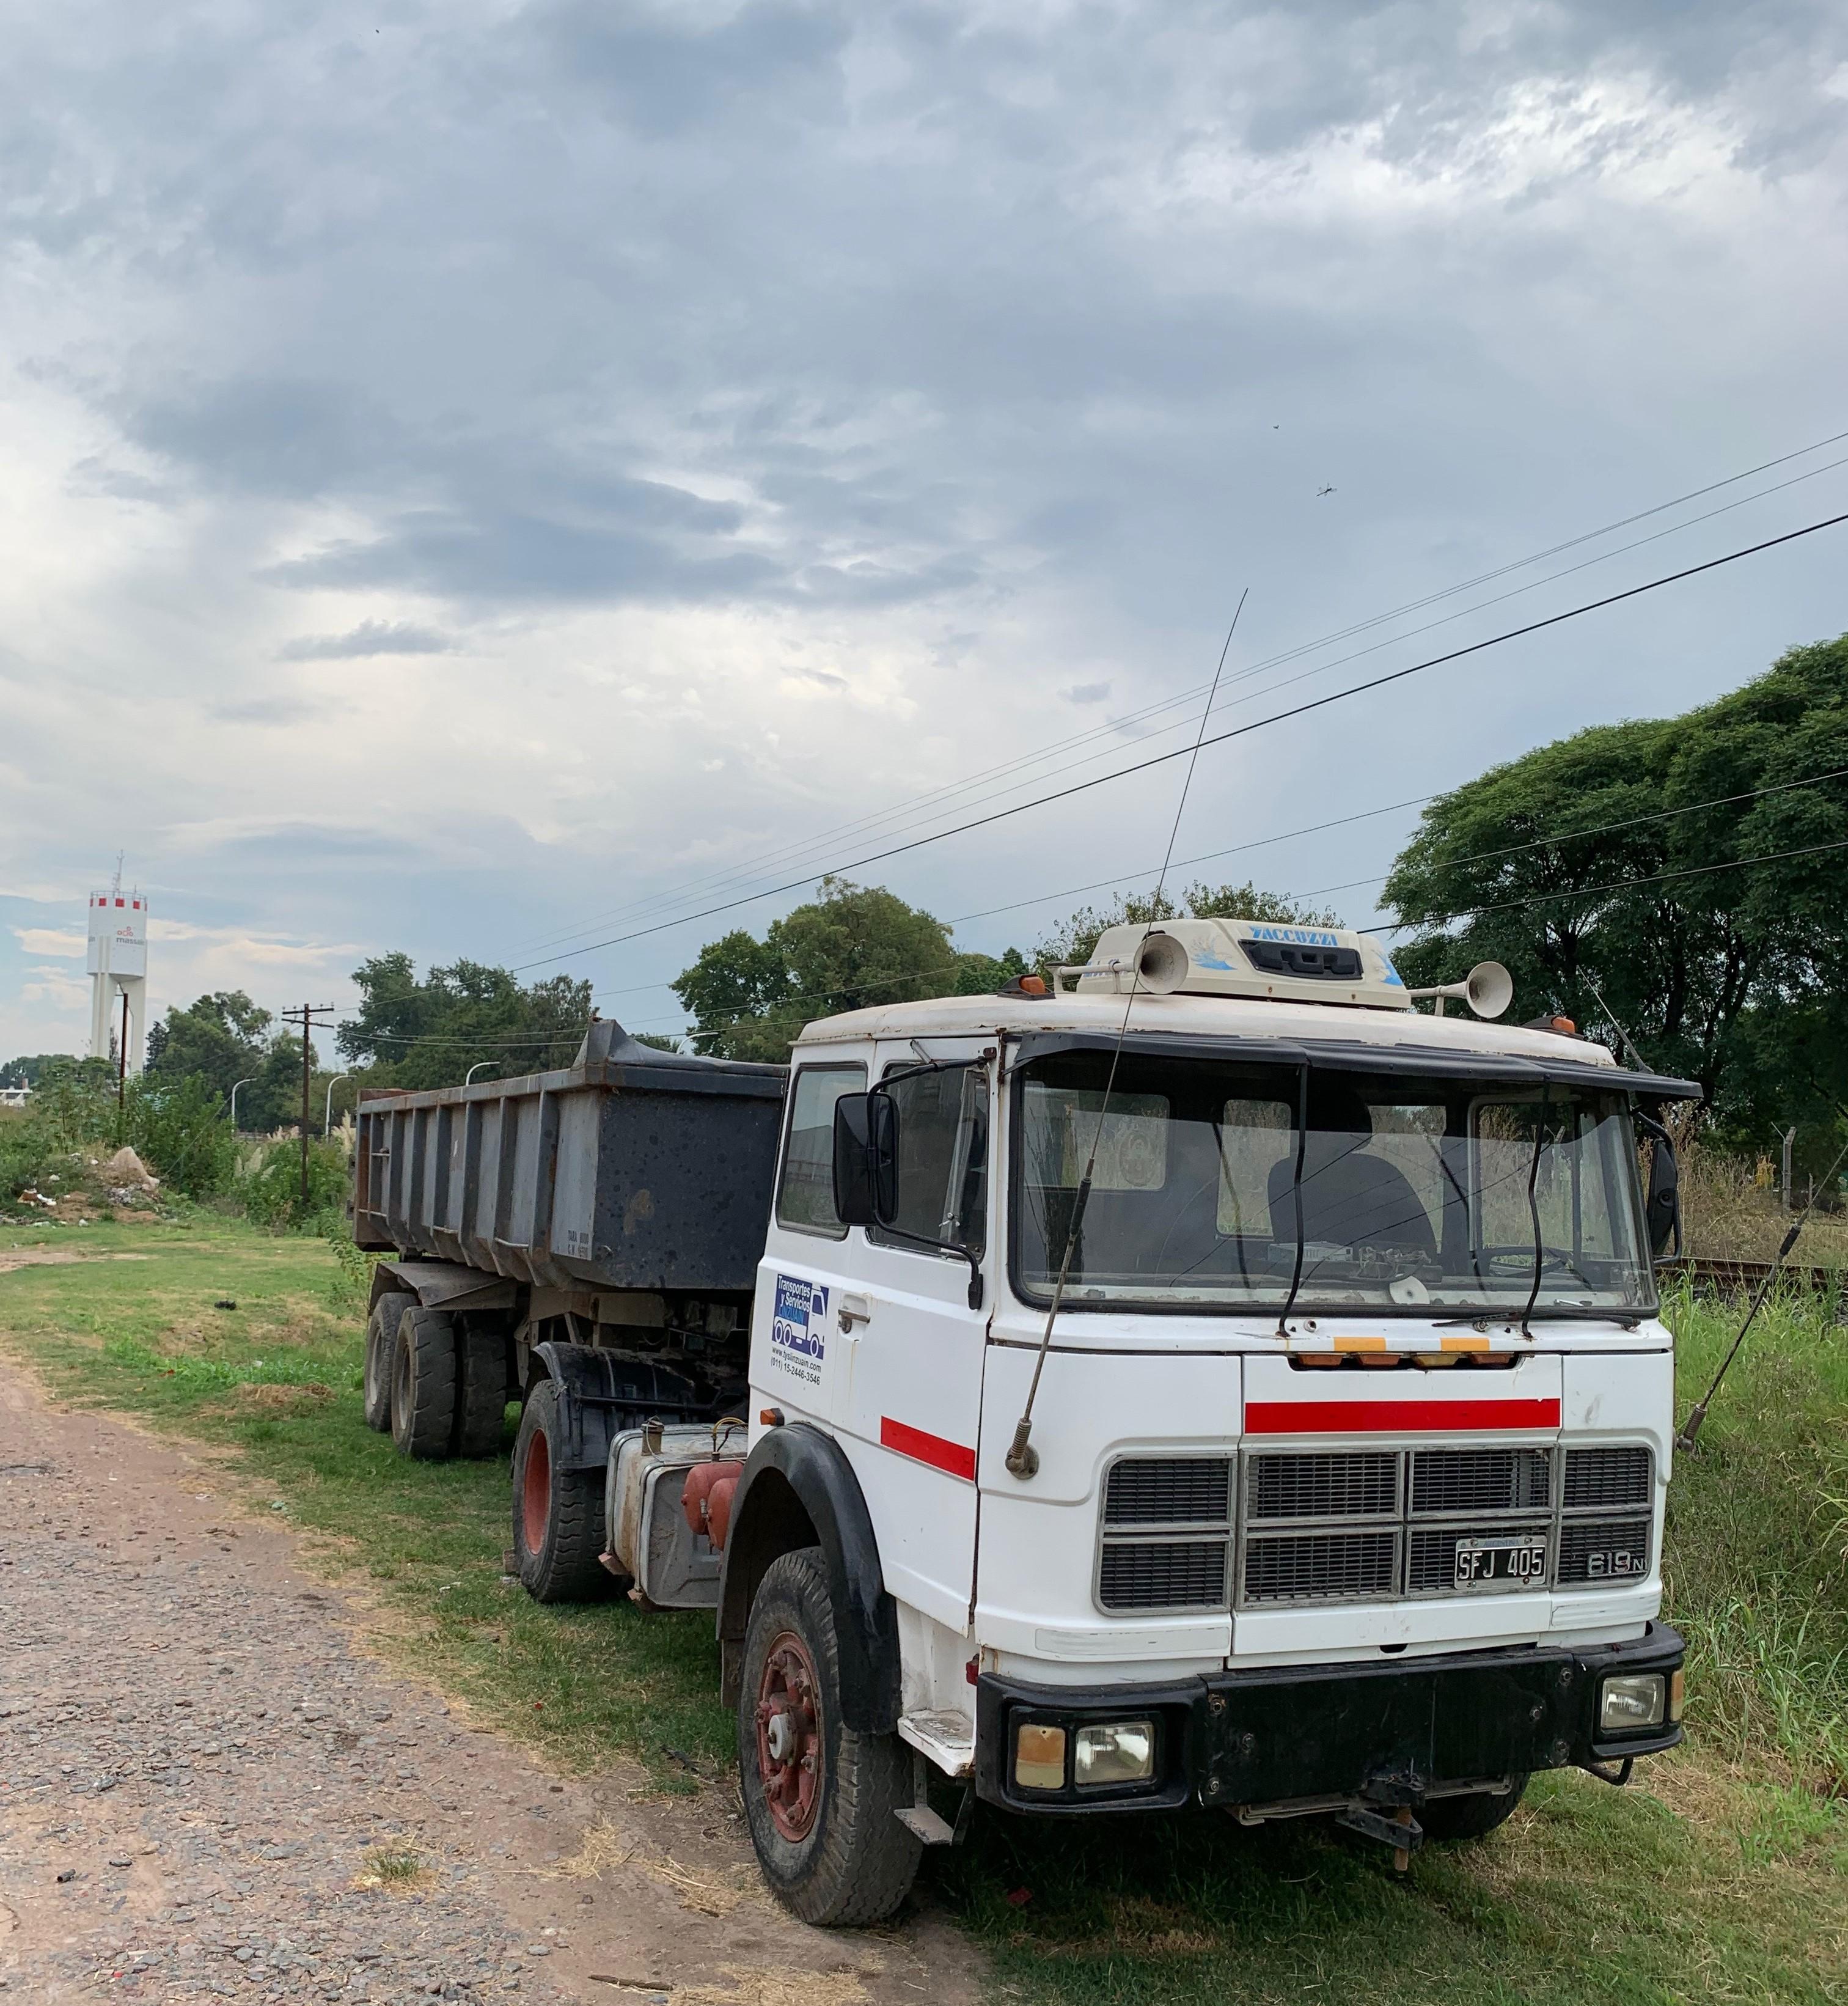 Camion tractor con batea volcadora / Equipo completo